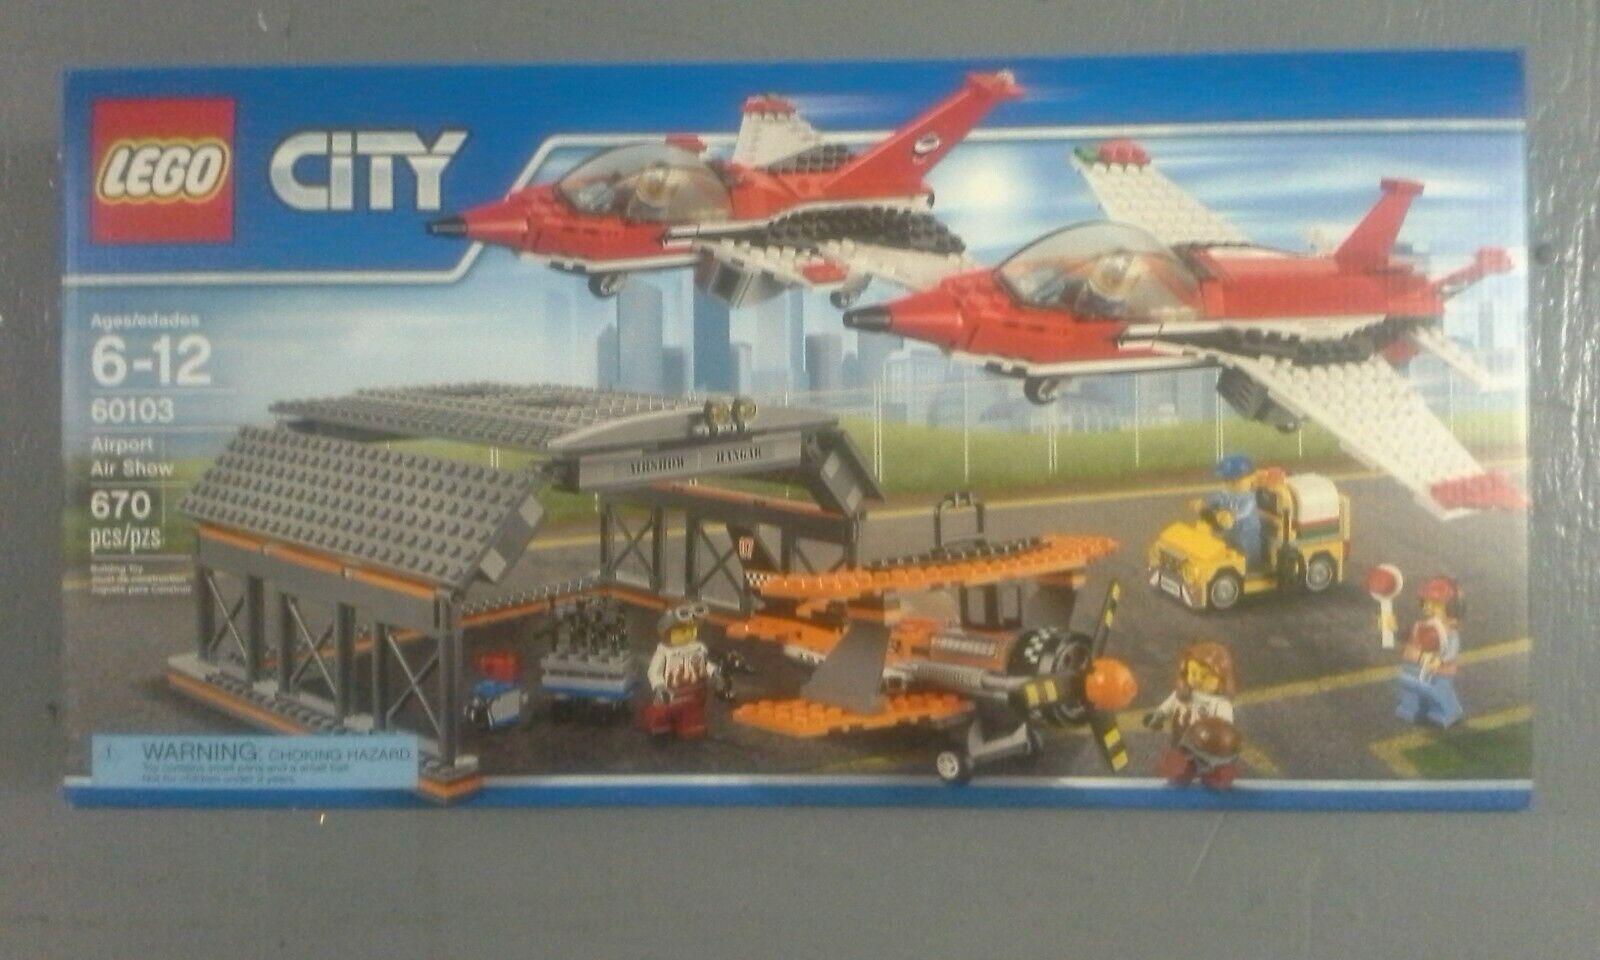 Lego 60103-City-aéroport  Air Show (DGSIM)  qualité pas cher et top